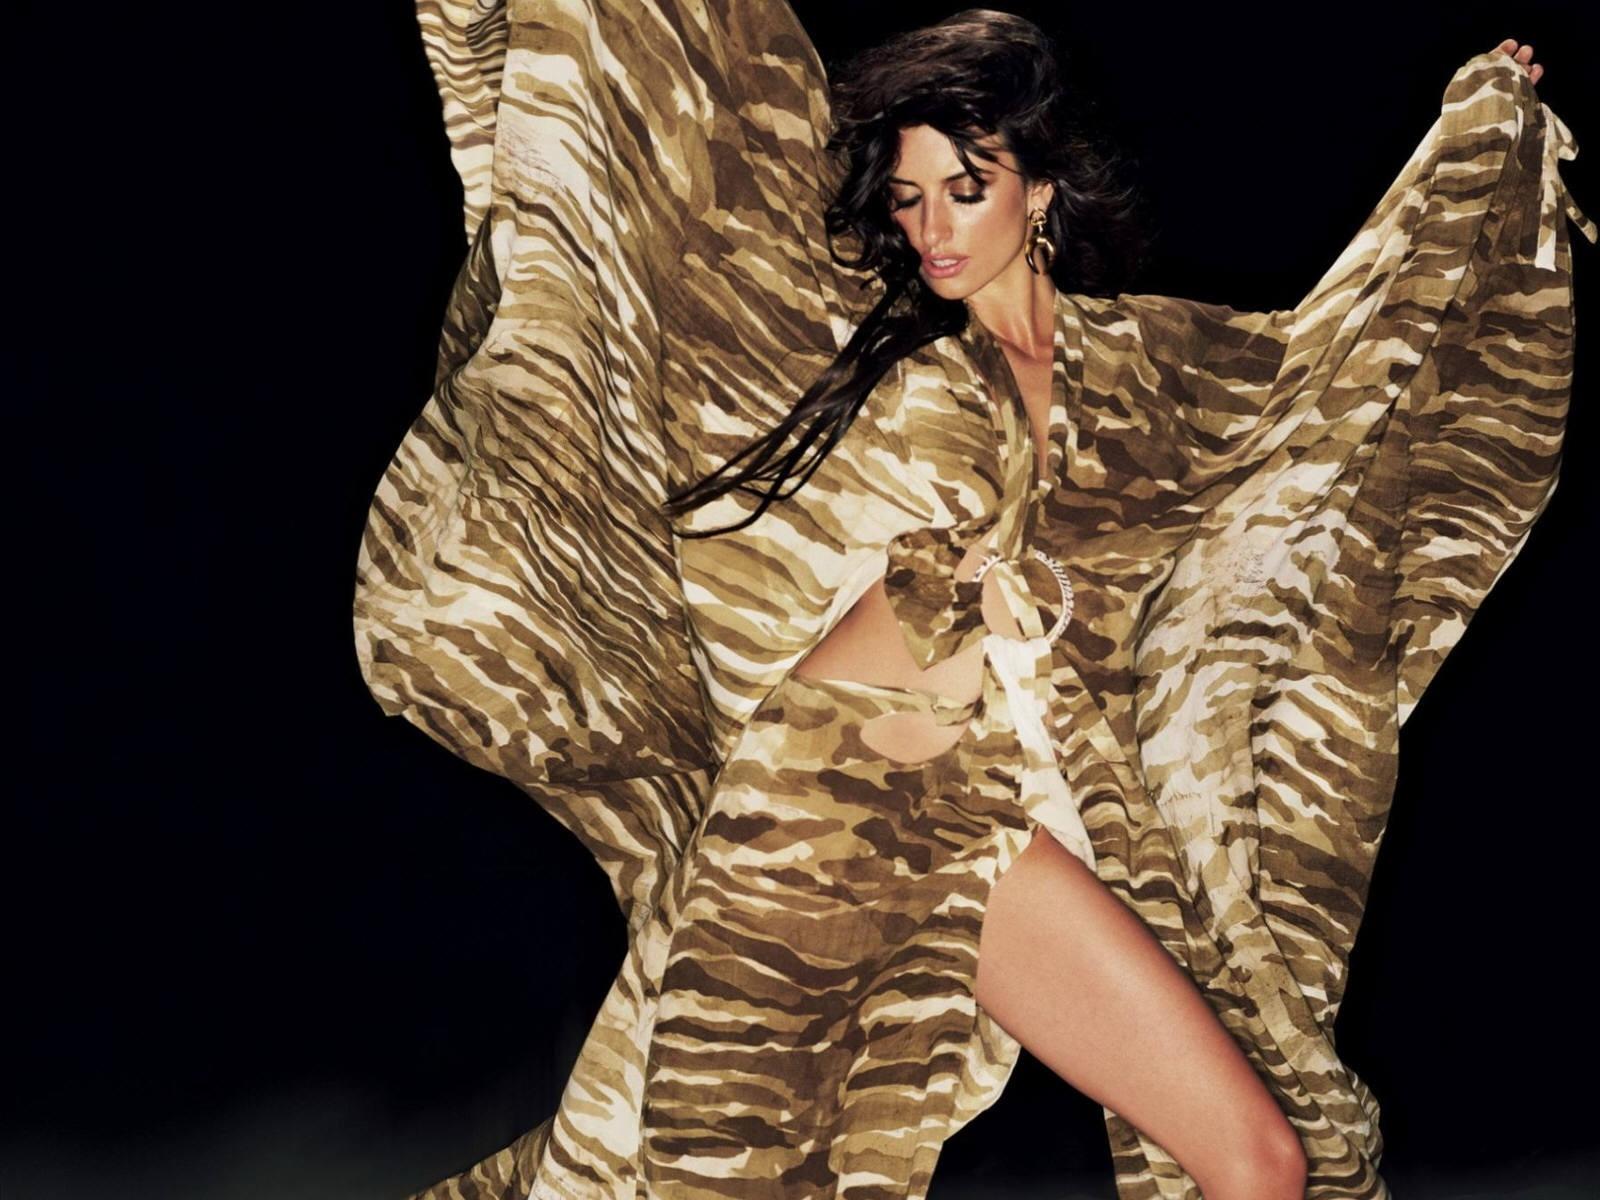 Wallpaper di Penelope Cruz - la sexy e talentuosa attrice spagnola è diventata la musa di Almodovar